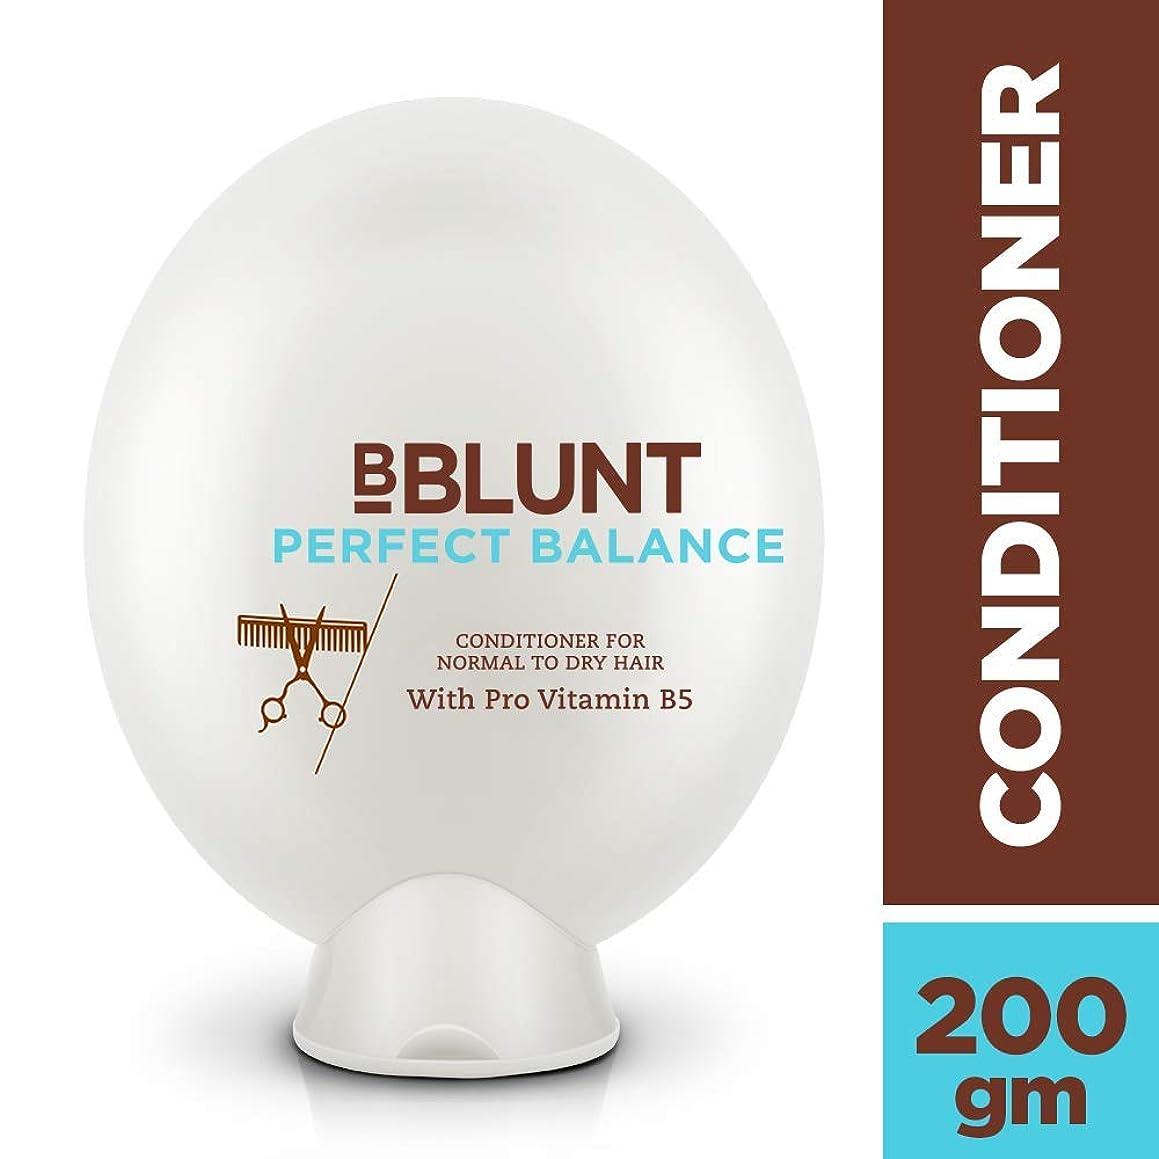 潤滑するサスティーン人種BBLUNT Perfect Balance Conditioner for Normal To Dry Hair, 200g (Provitamin B5)